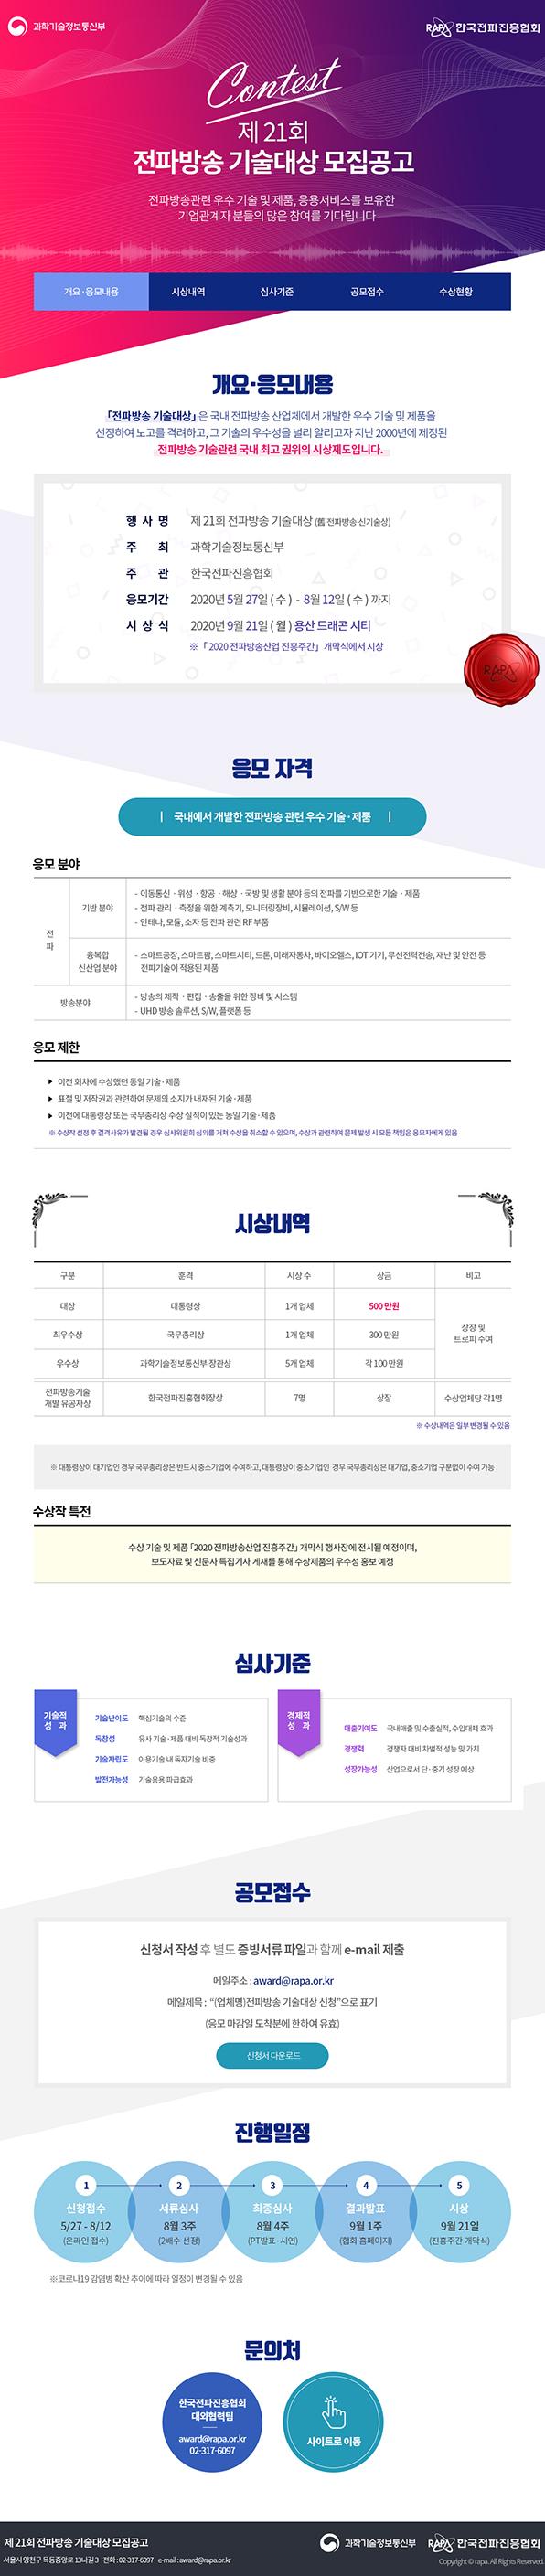 [한국전파진흥협회] 제21회 전파방송 기술대상 모집공고